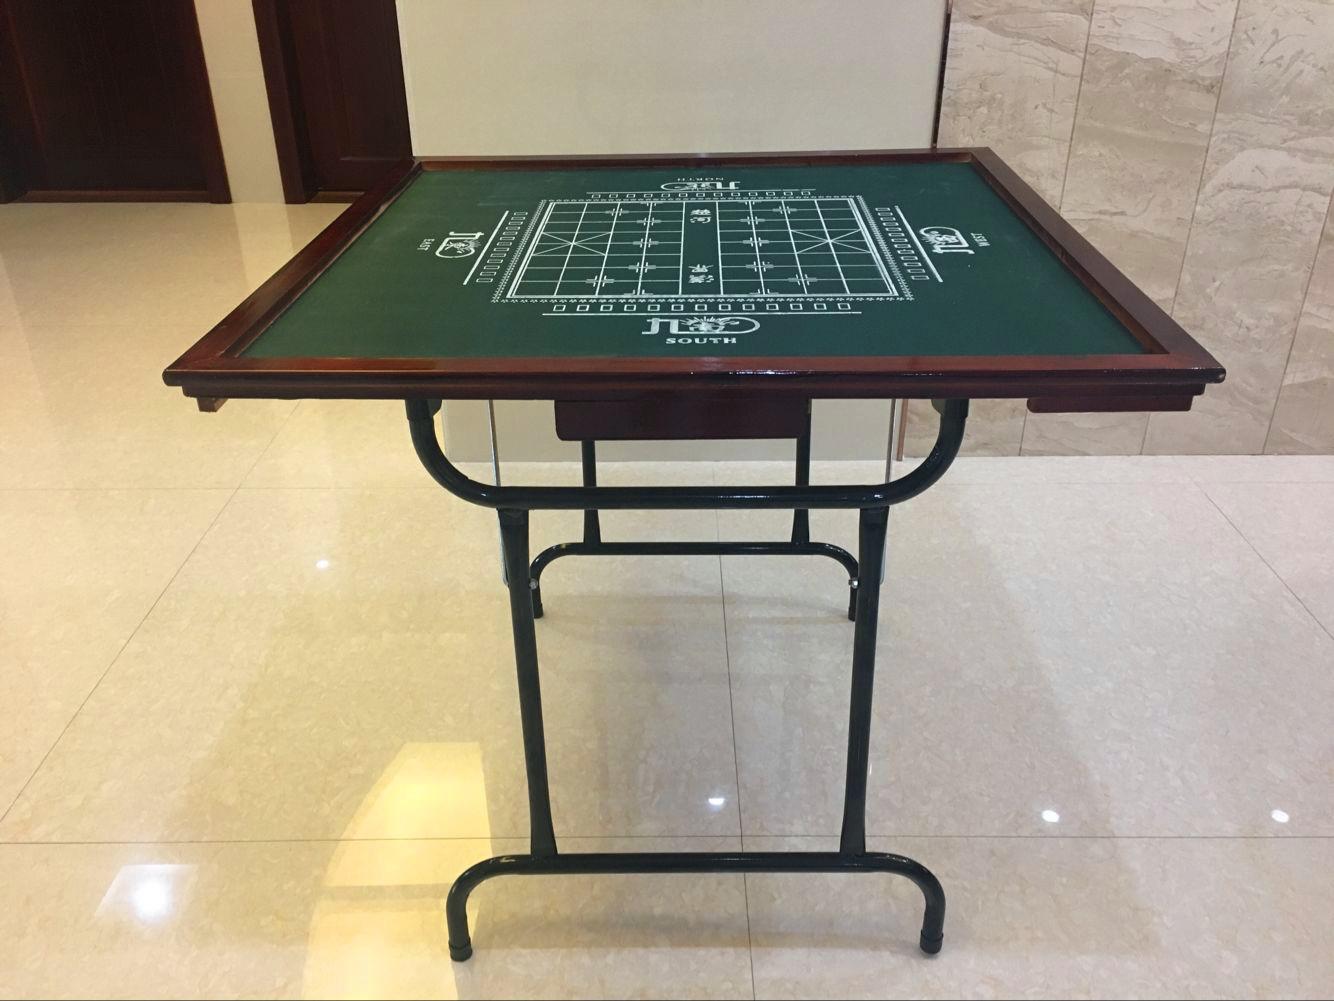 Десять тысяч послушный развлечения сложить маджонг стол дерево простой комната с несколькими кроватями домой рука твист шахматы карты стол шахматы две таблицы использование обеденный стол